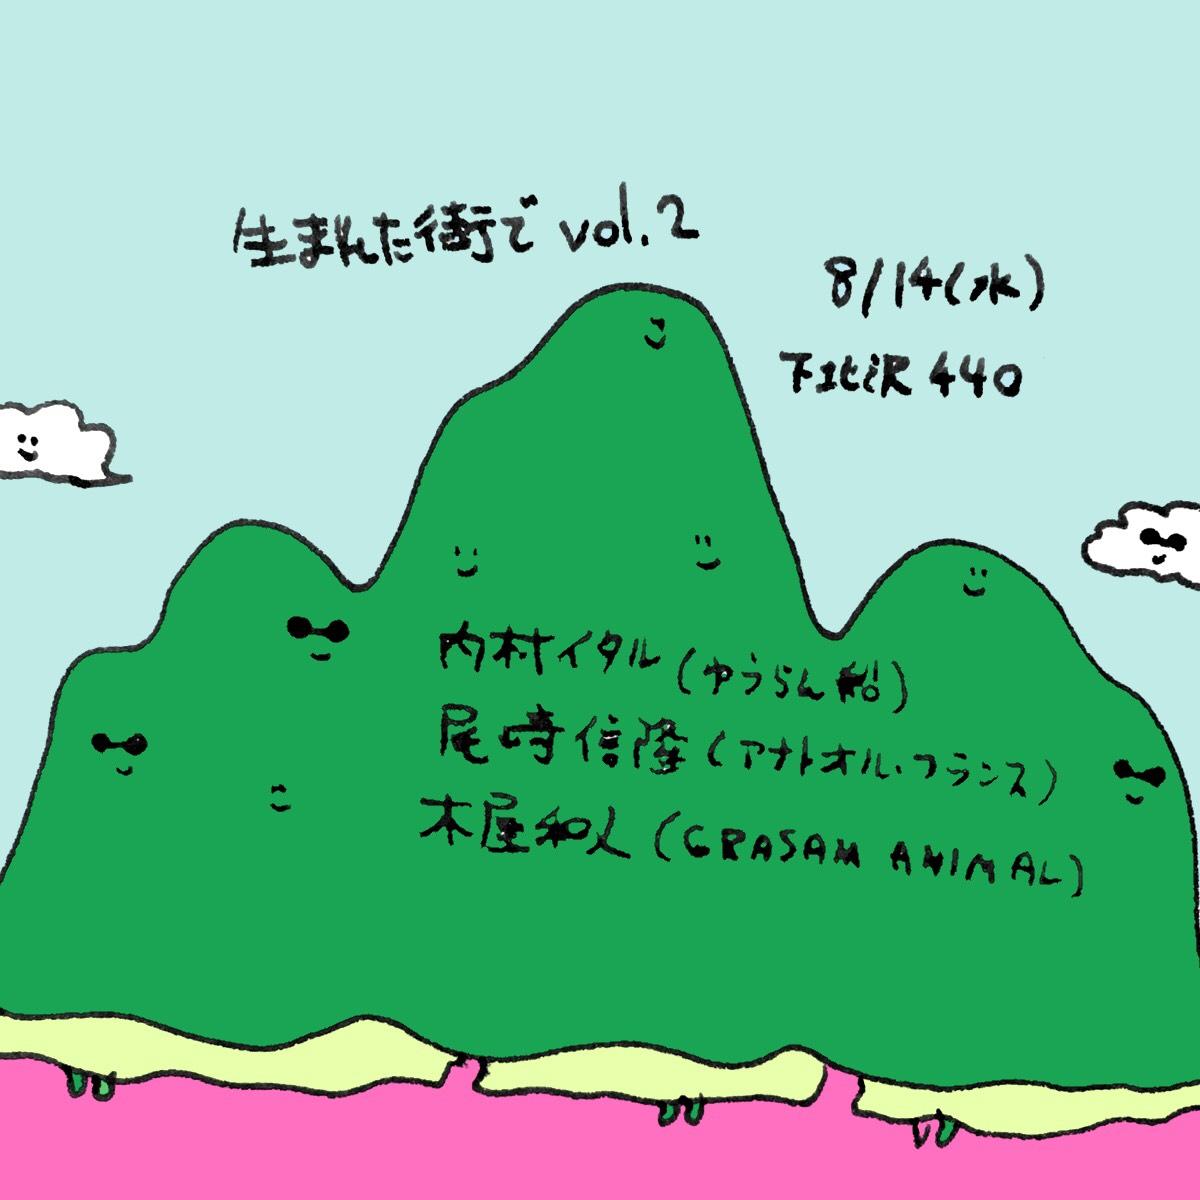 『生まれた街で vol.2』